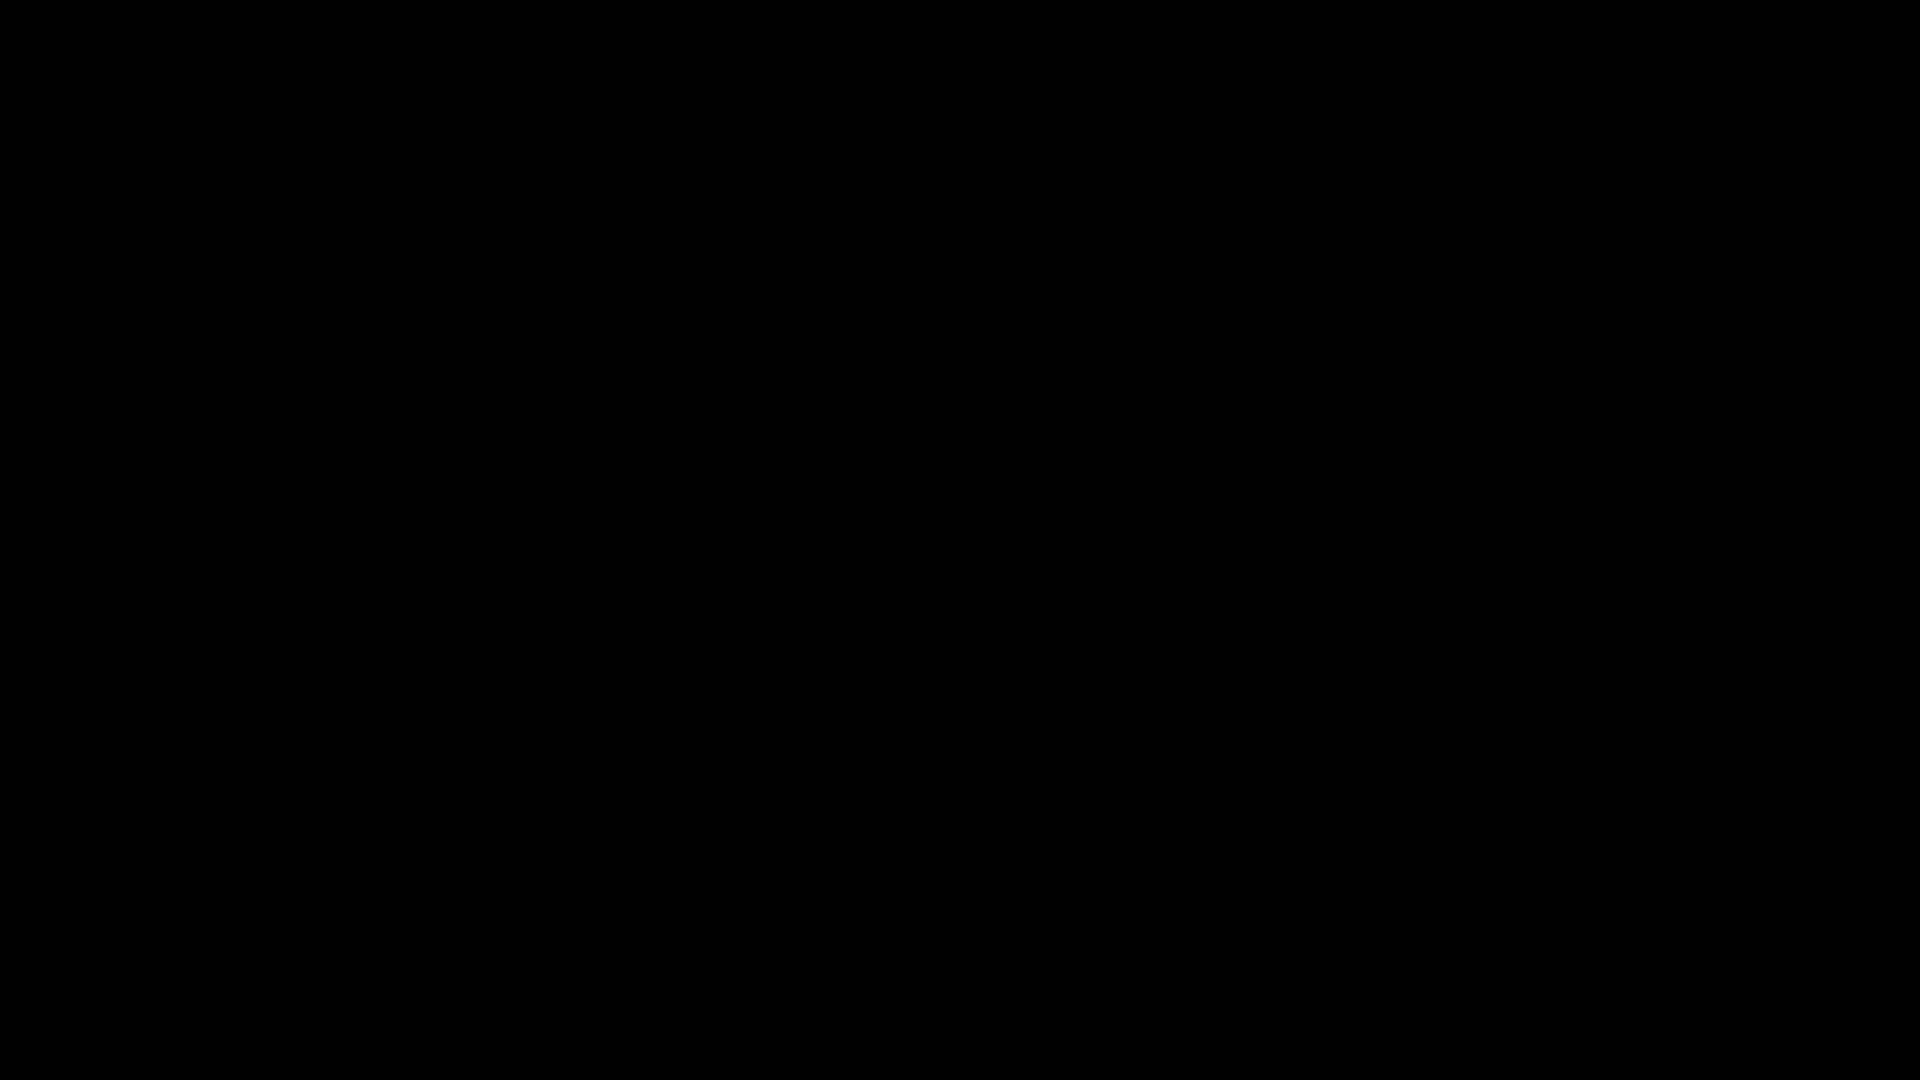 GTA Online, GTAV, Issi, Issi random jump GIFs